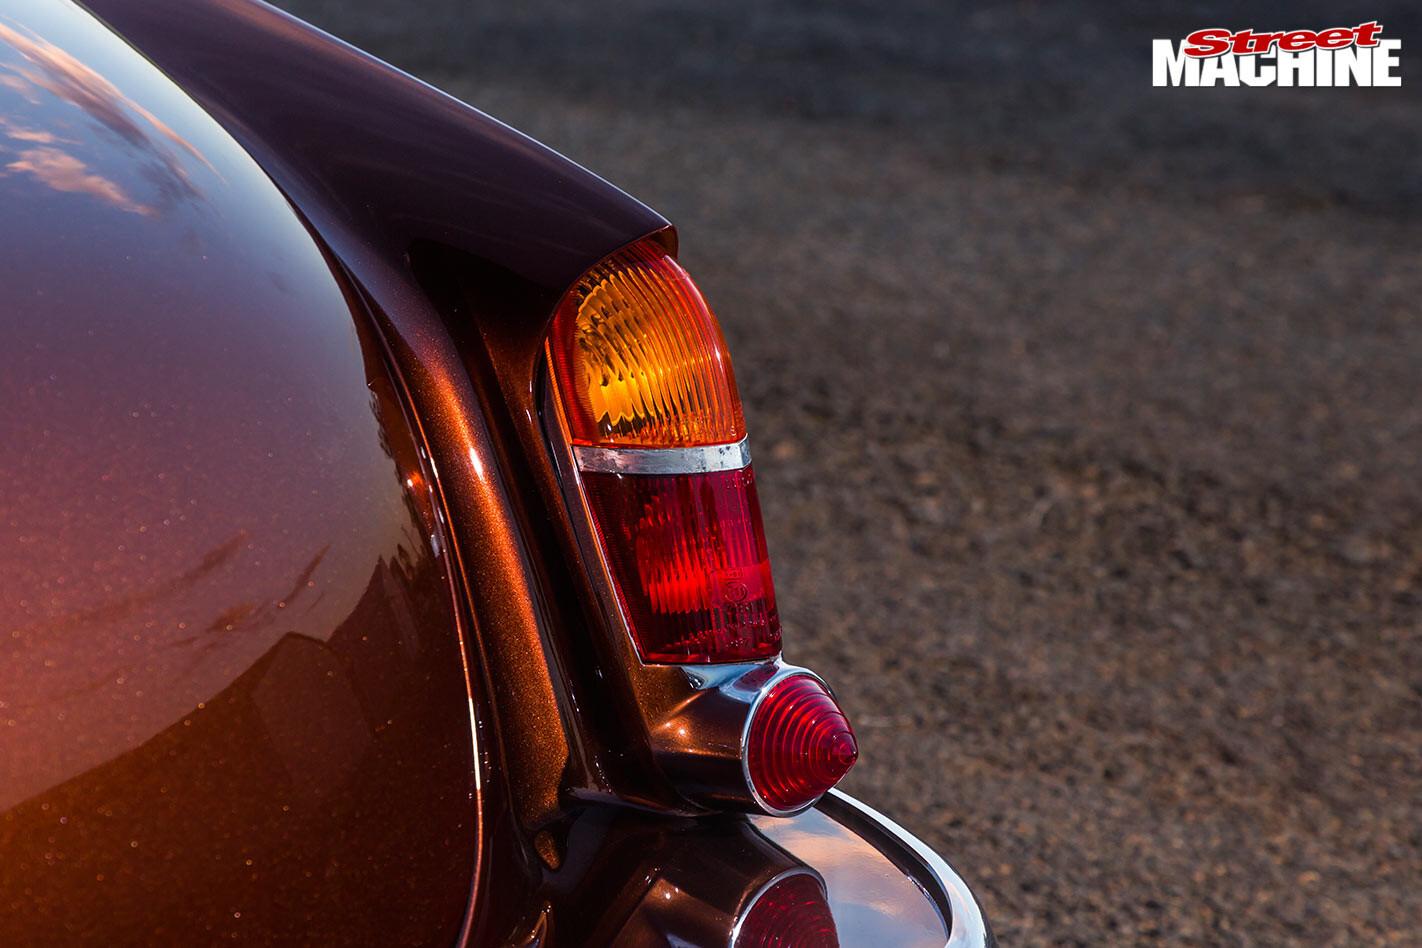 Jaguar Mark 10 tail light